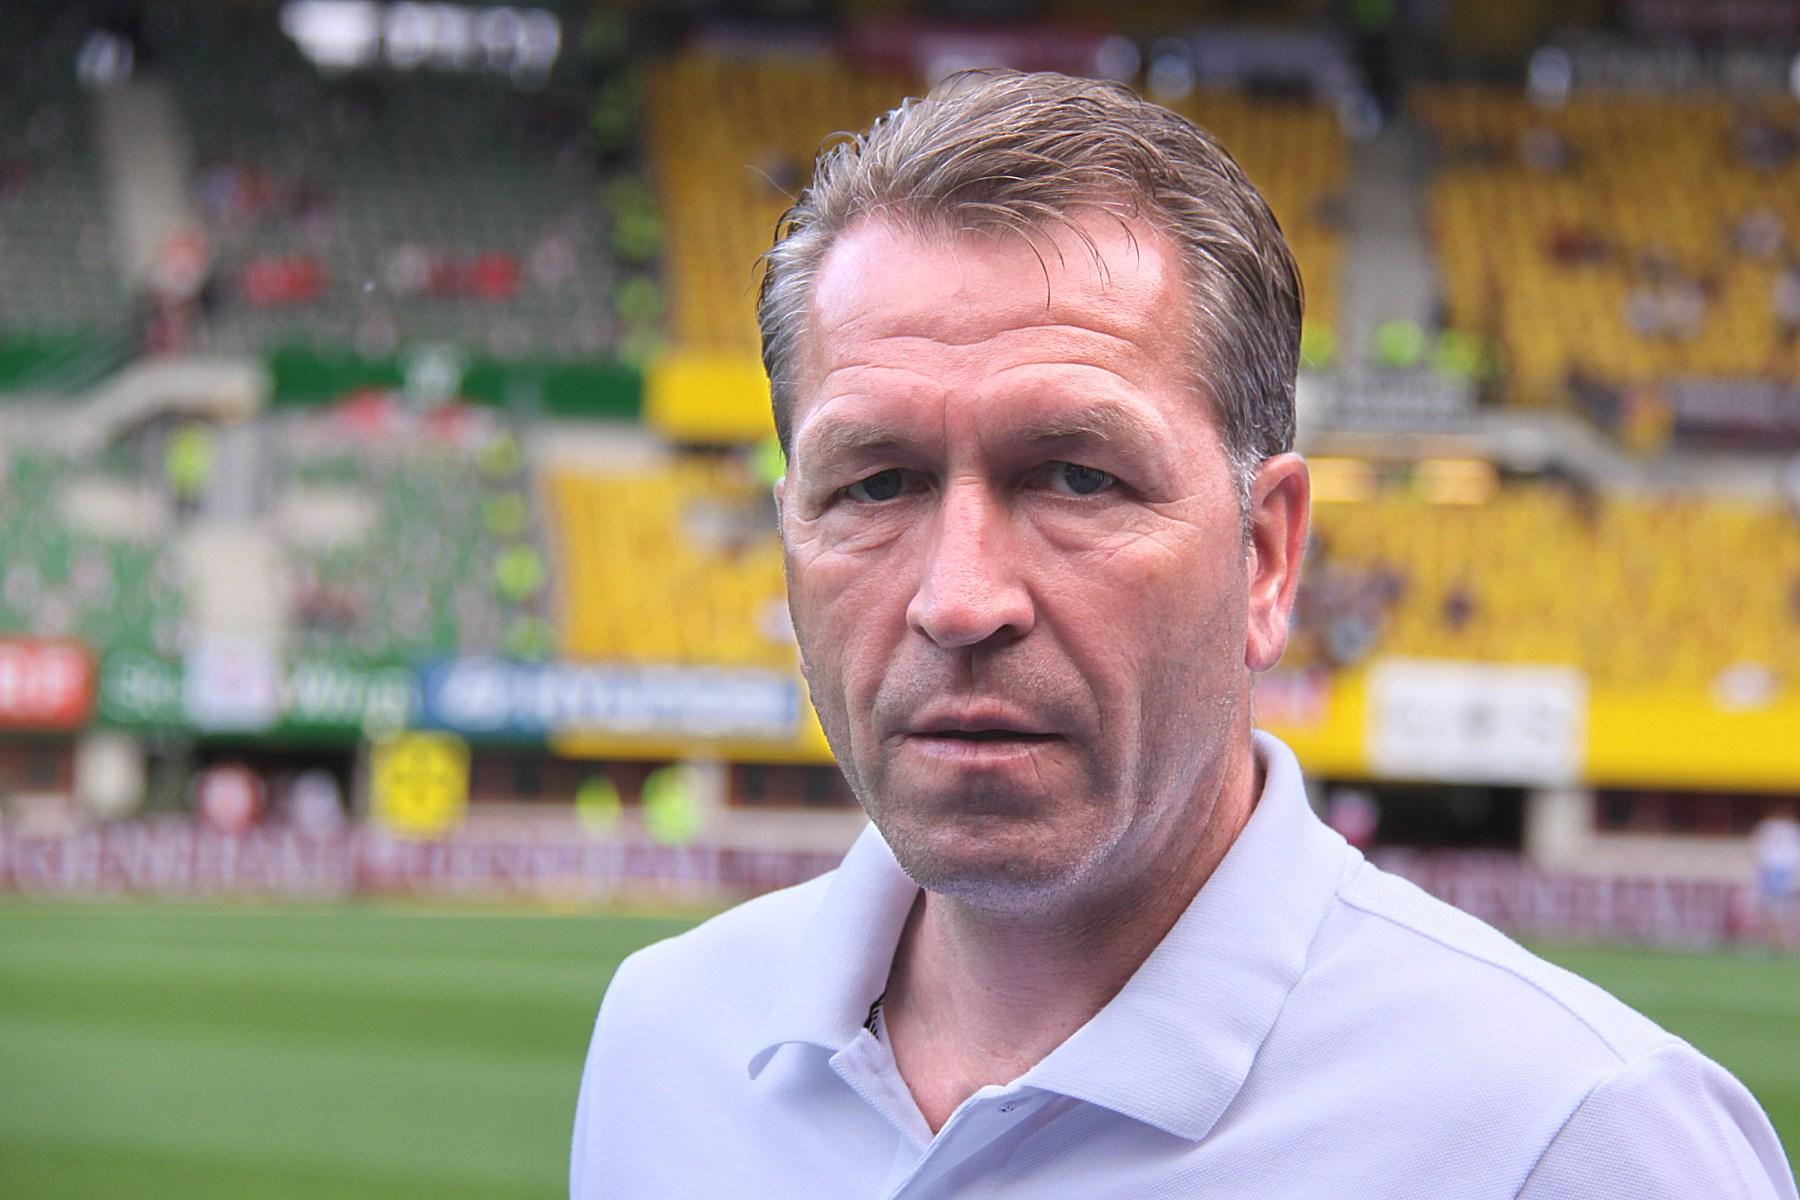 Andreas Köpke Wohnort